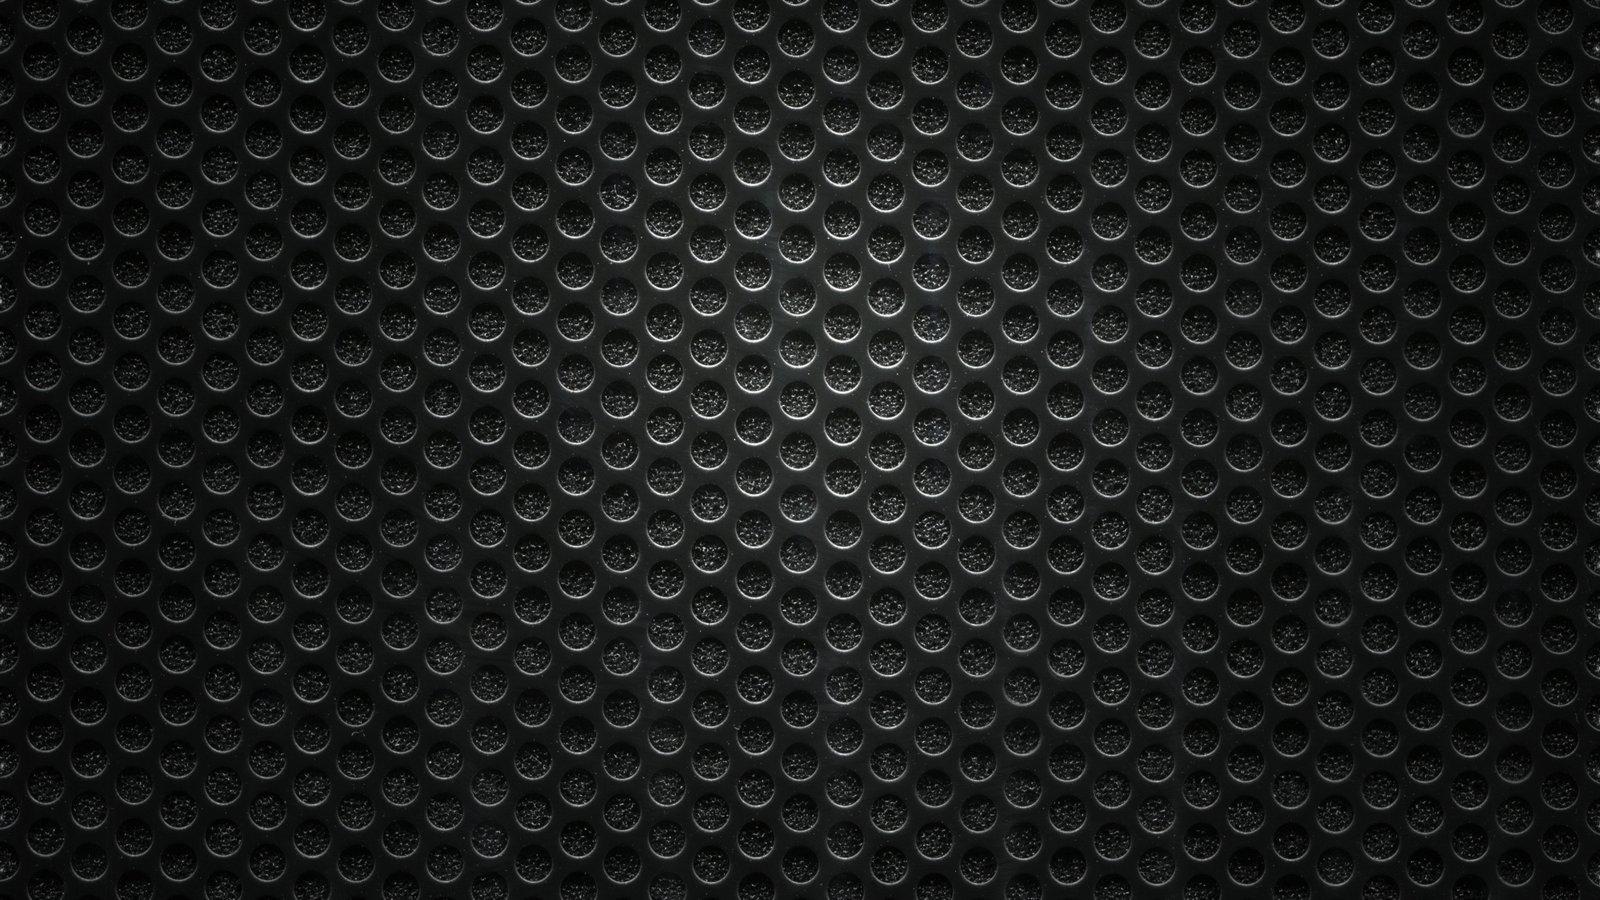 hình nền đen